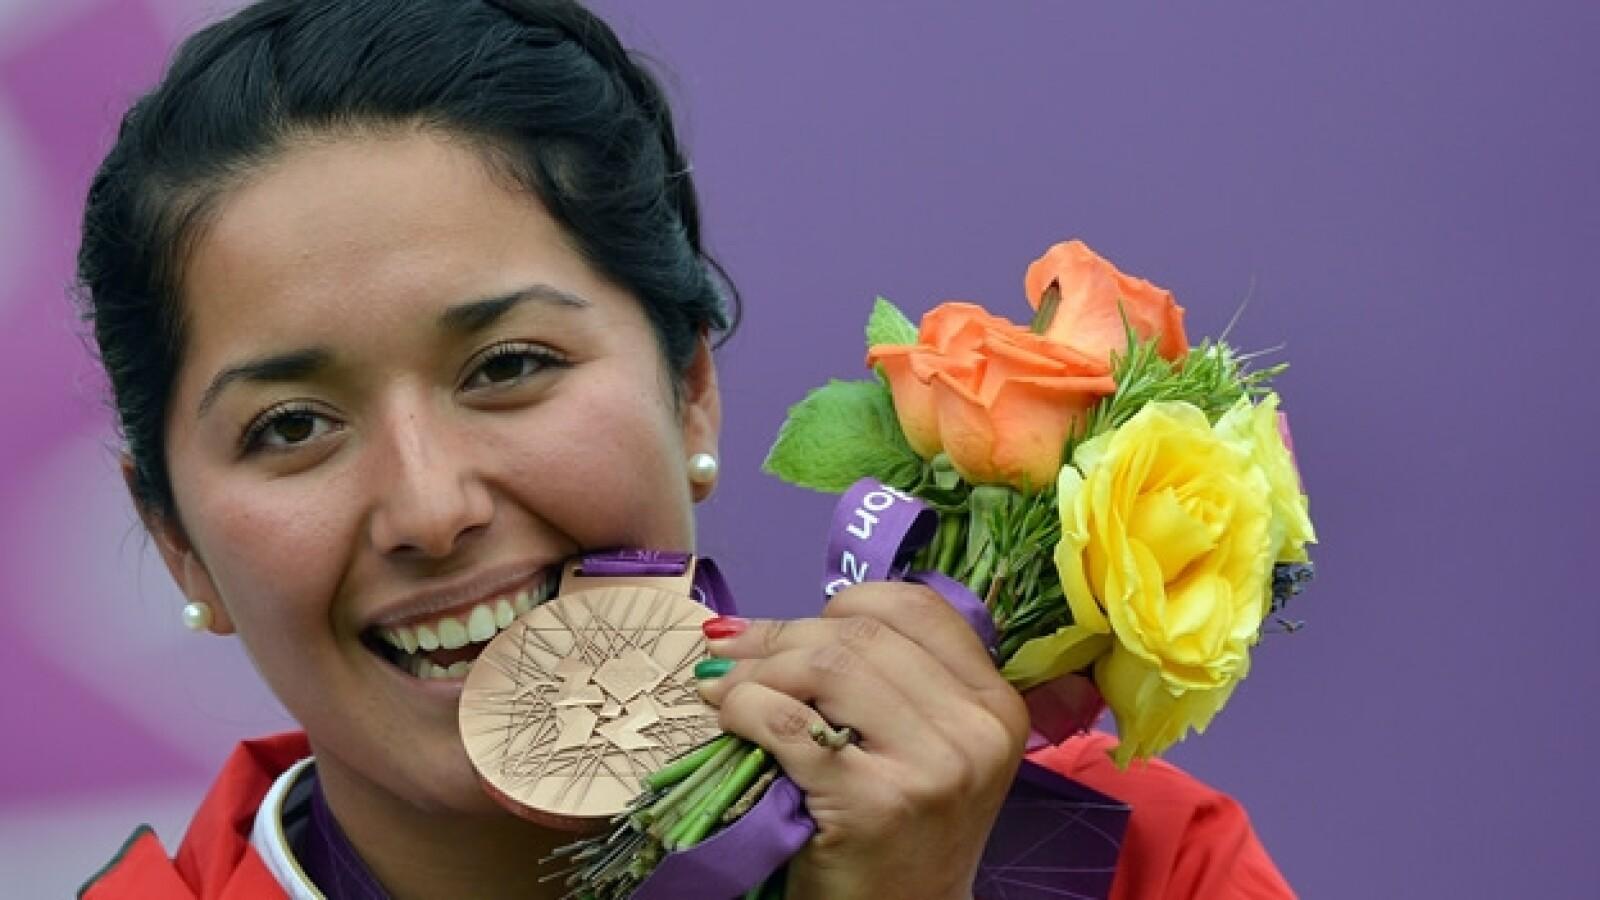 Mariana avitia, bronce, londres